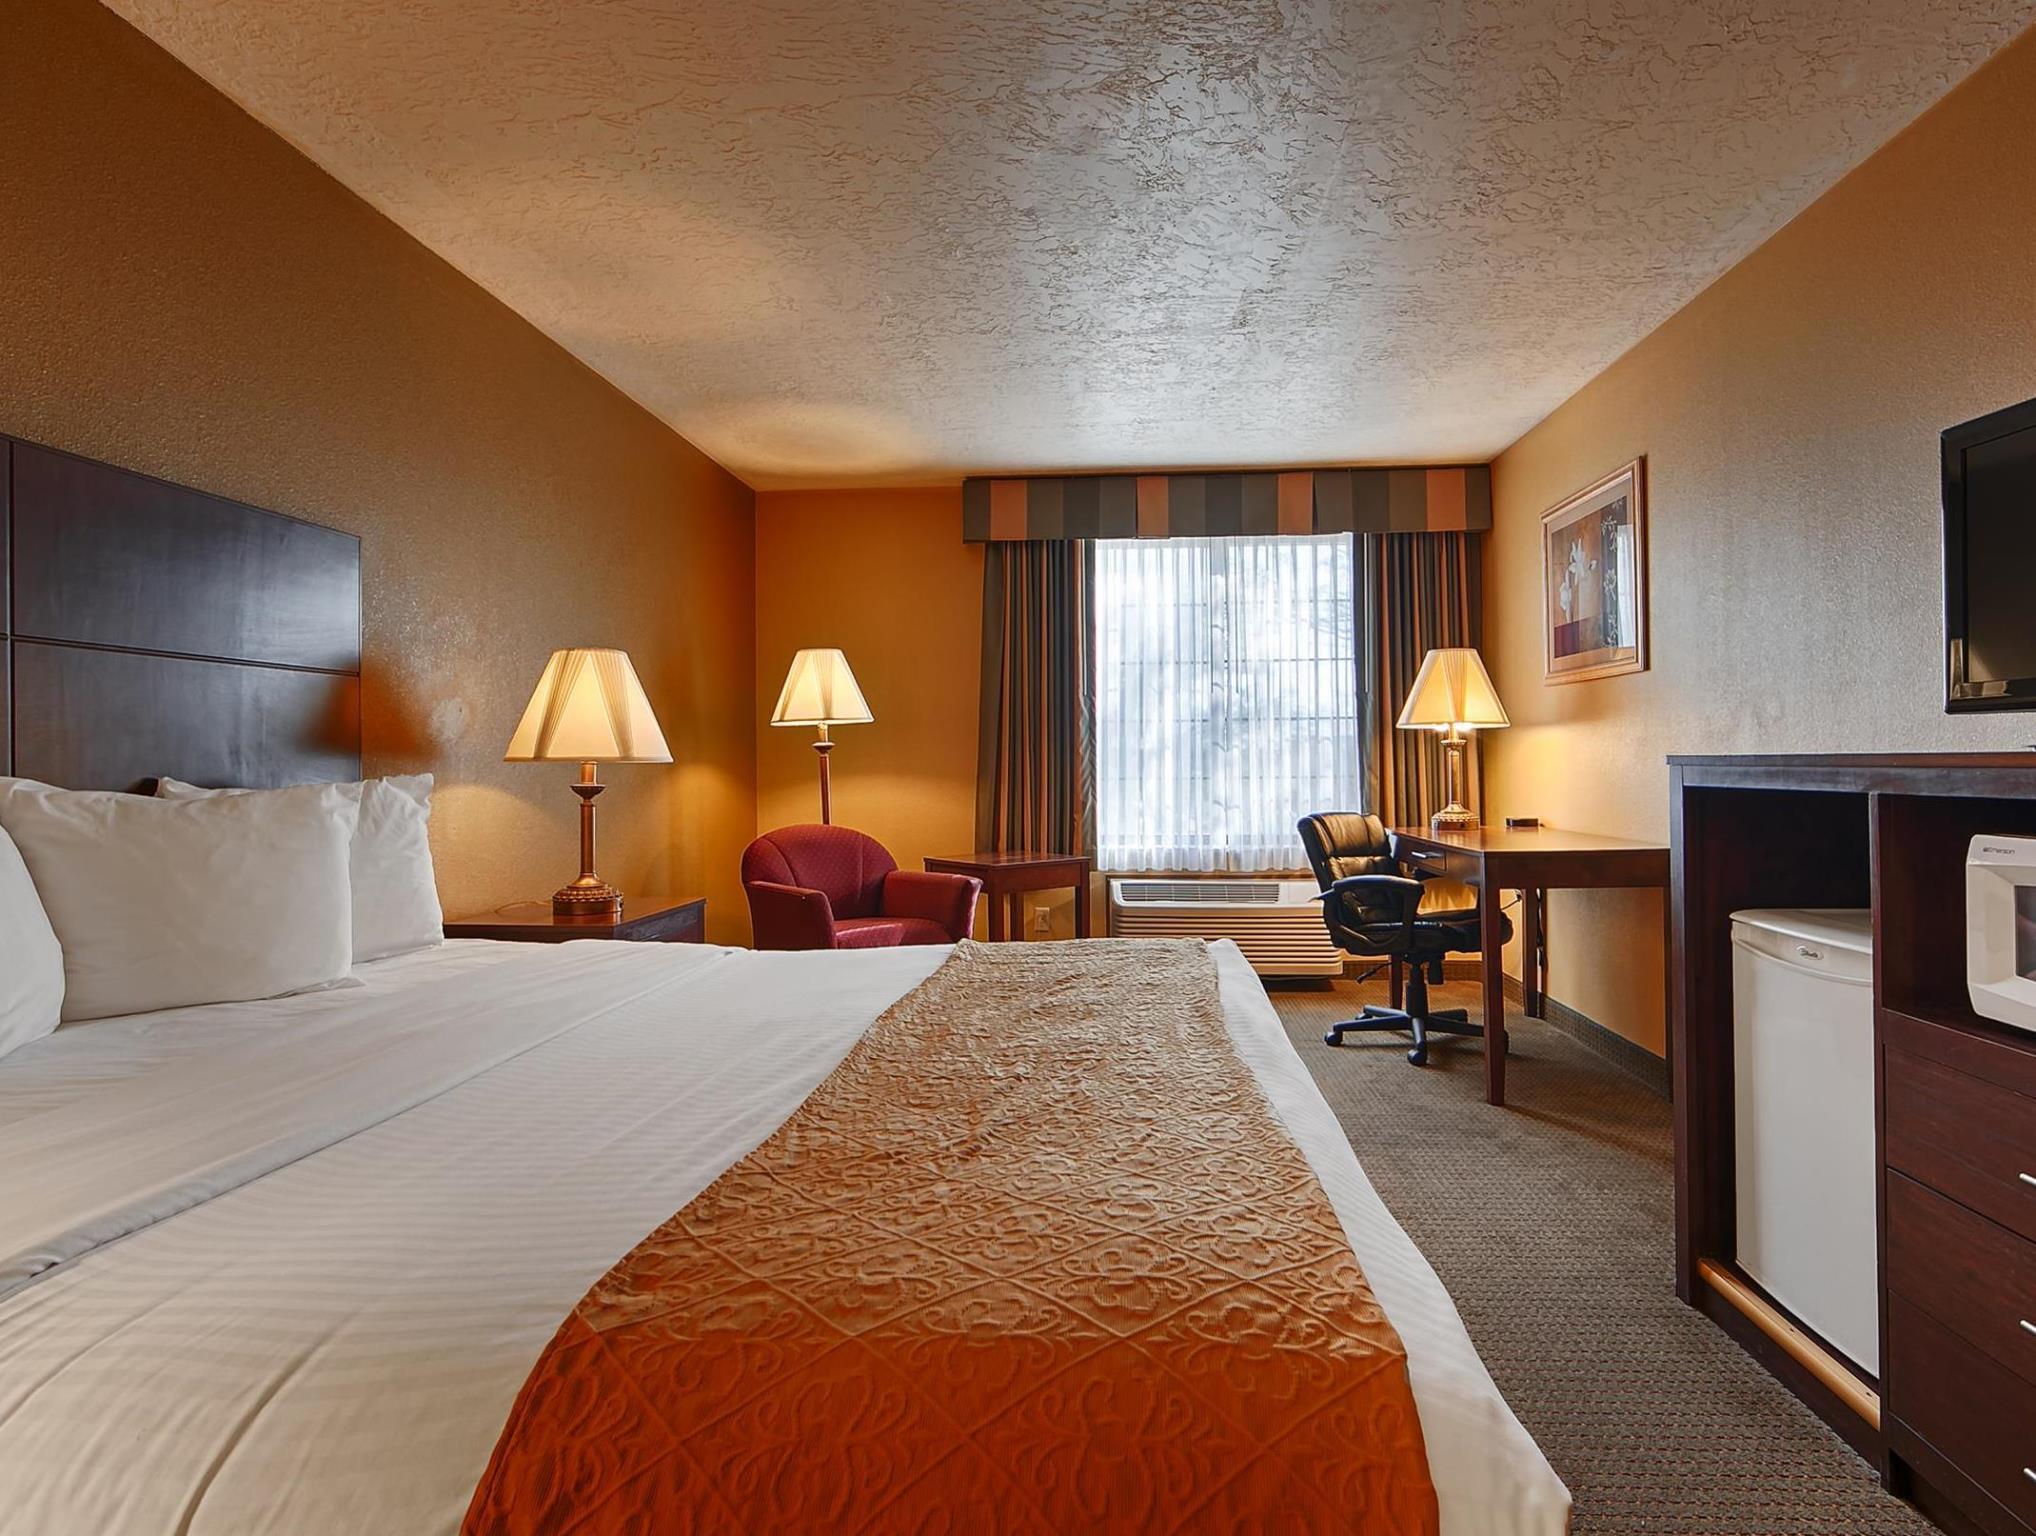 valley king comforter us in deals bed green comfort hotel inn az best western room